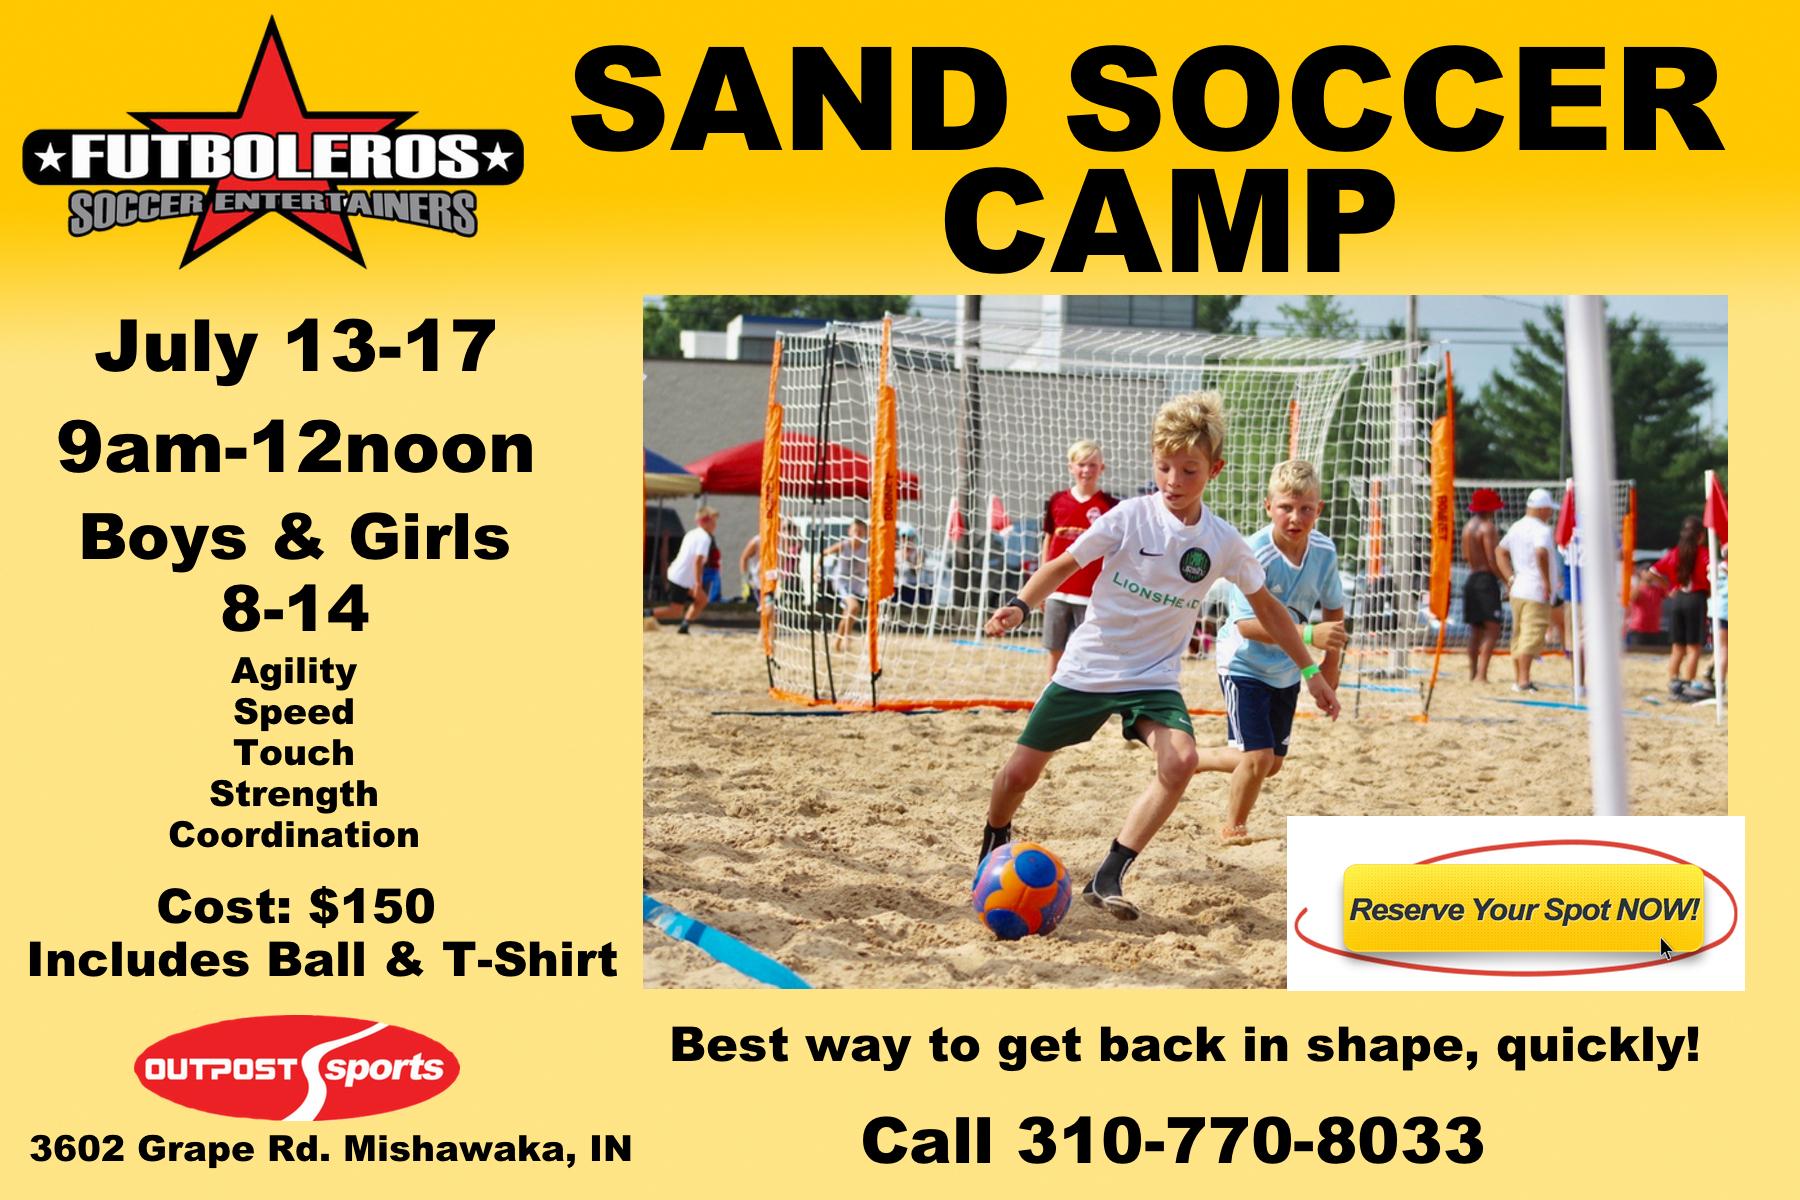 Futboleros Summer Sand Soccer Camp July 13-17, 2020 00002